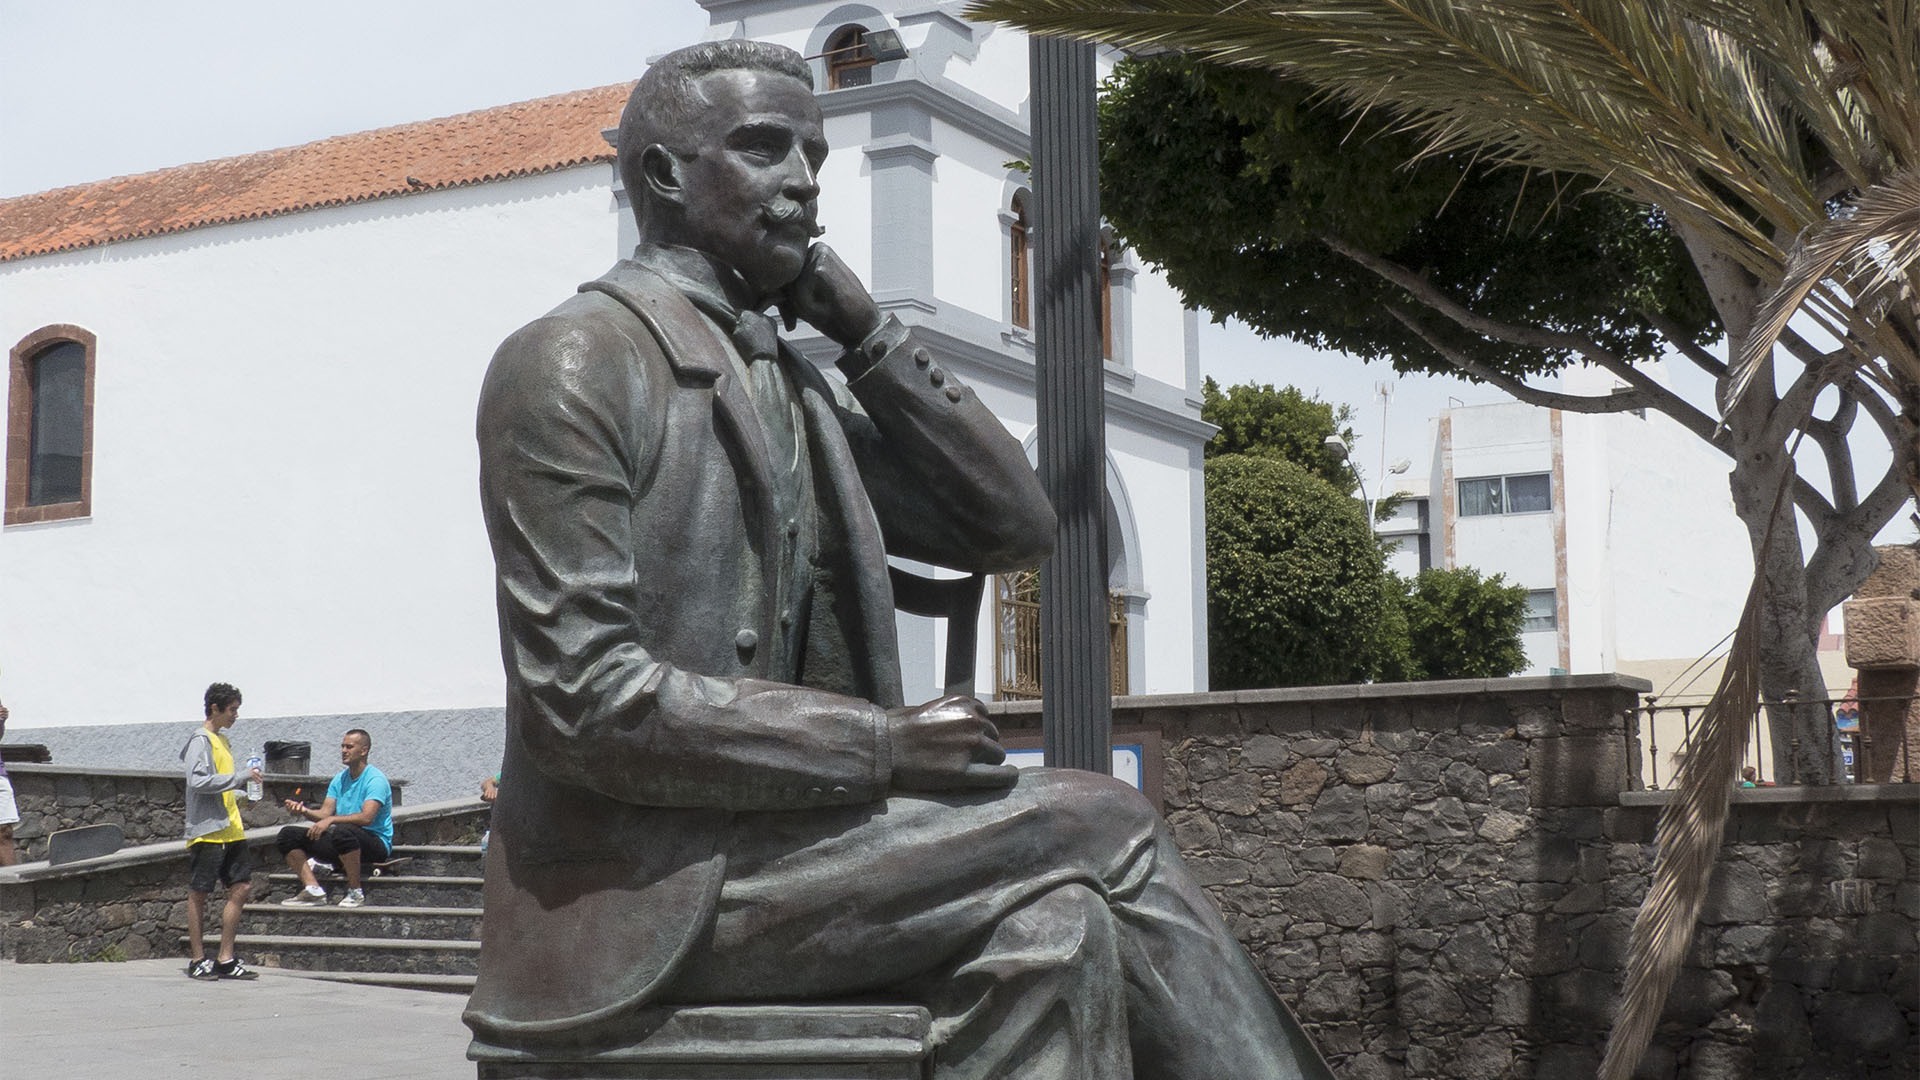 Statue des Manuel Velázquez Cabrera in Puerto del Rosario Fuerteventura.